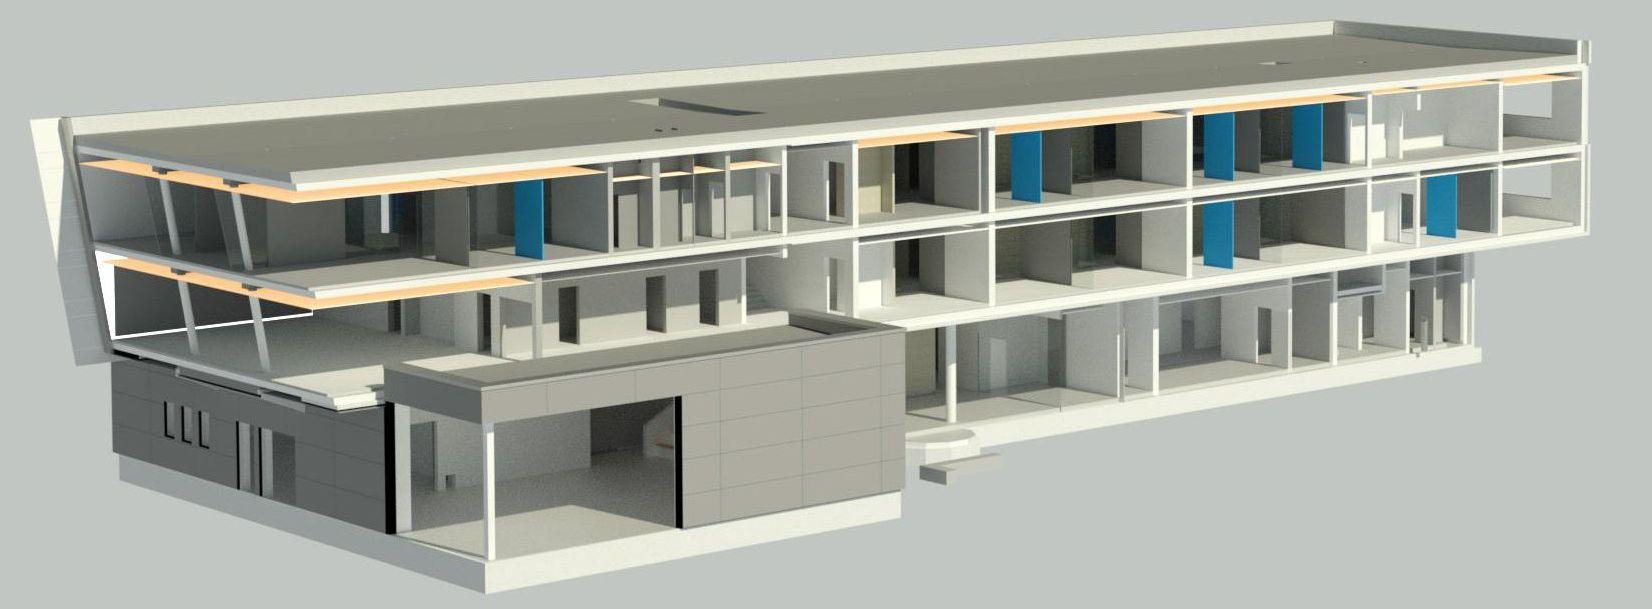 3D Modell eines Gebäudes, geplant mit BIM.